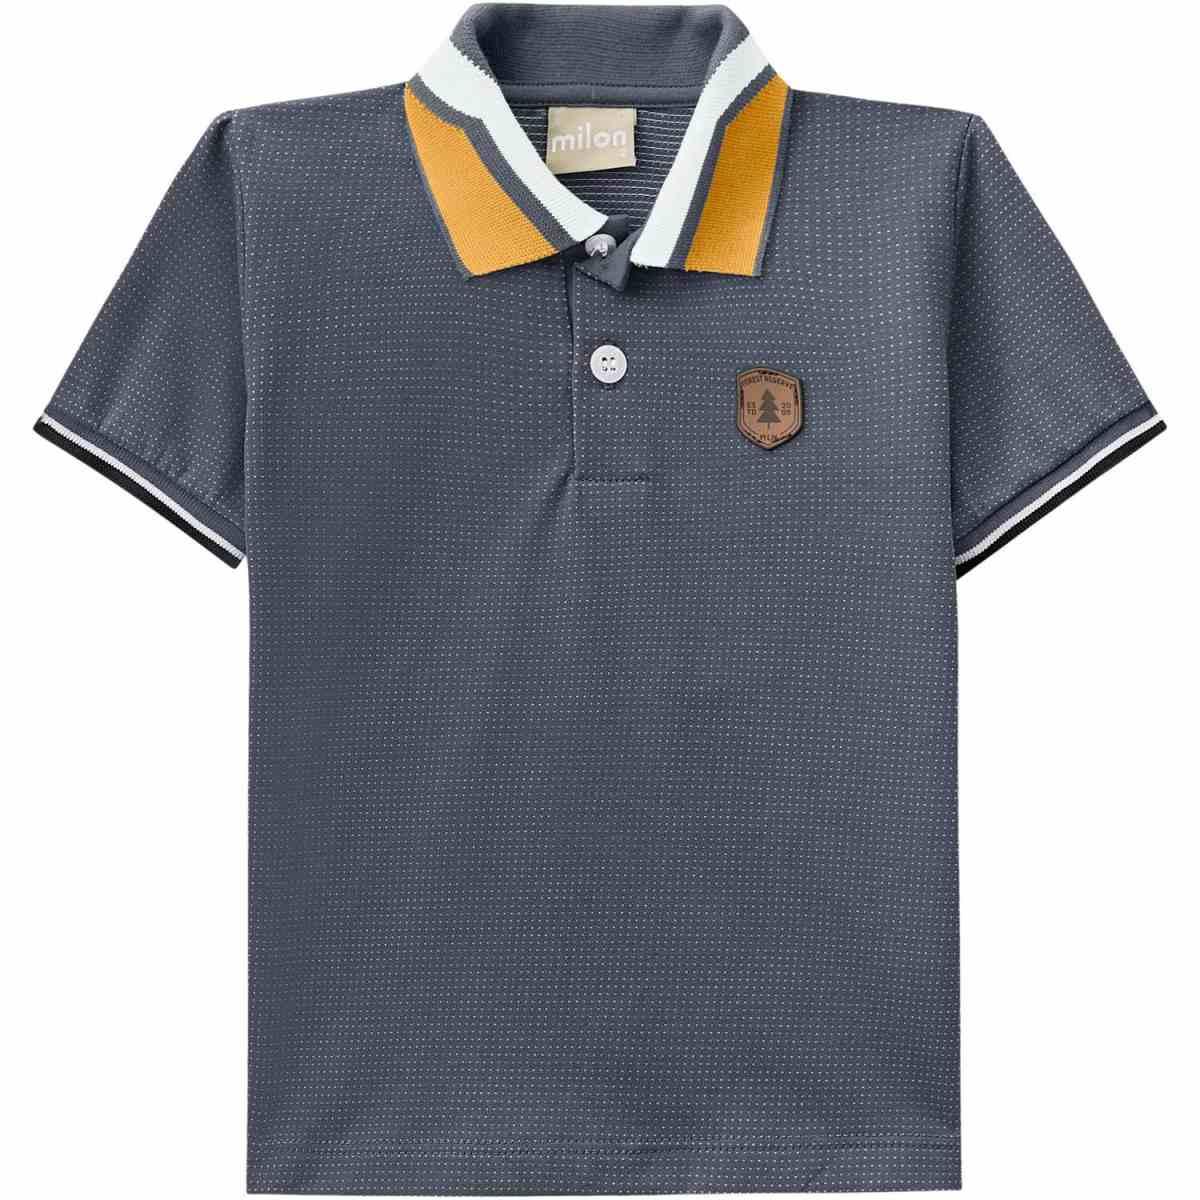 Camiseta Polo Menino Milon em Algodão - Cinza Chumbo